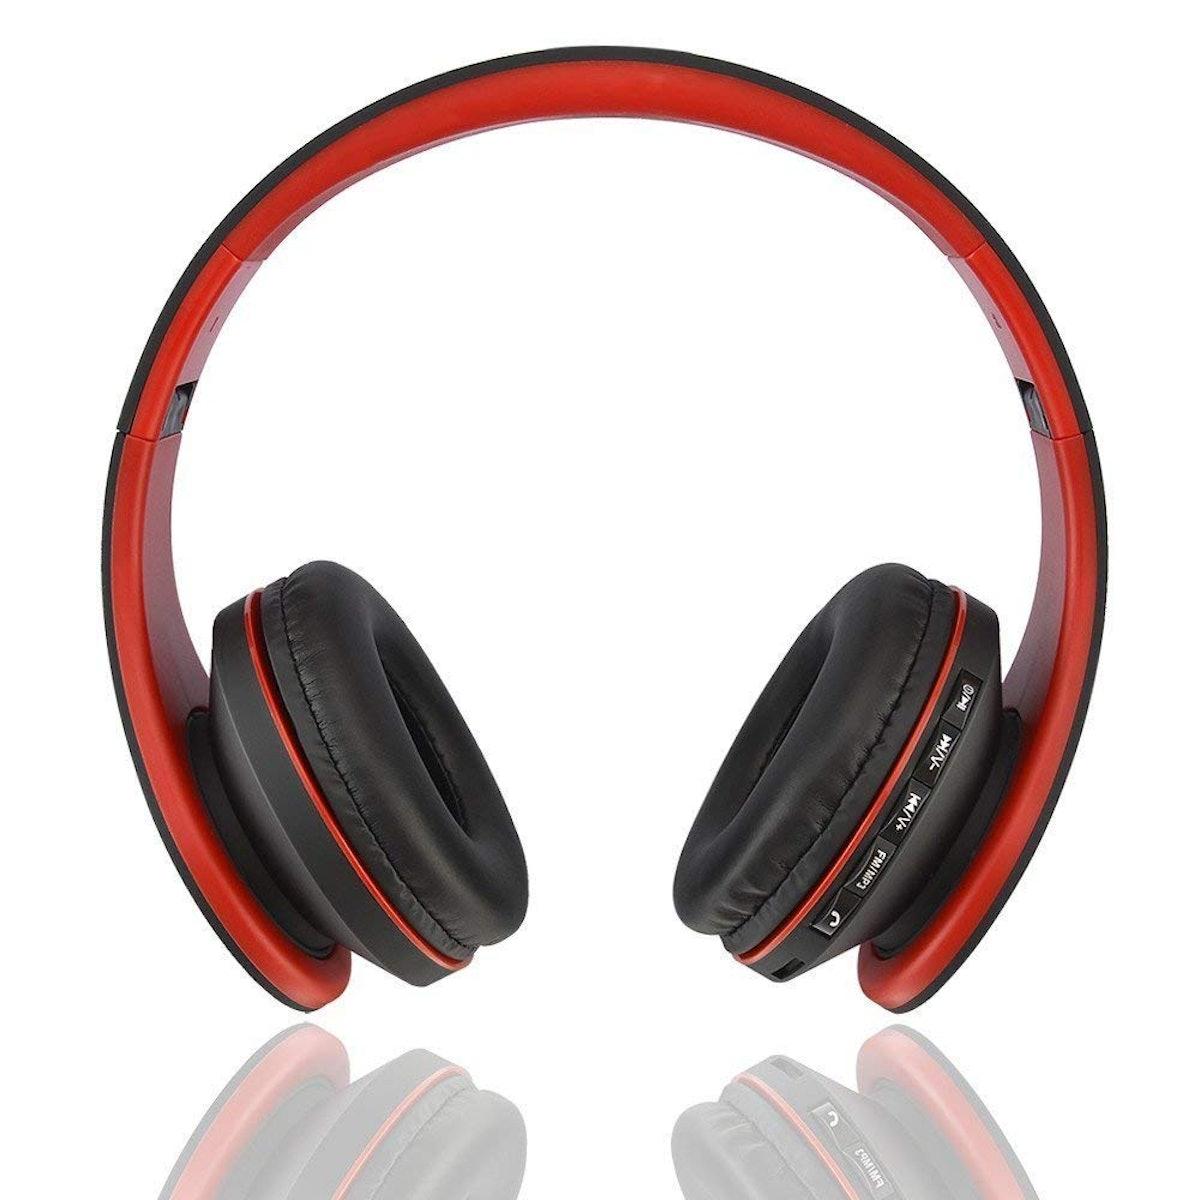 ZSW Tech Wireless Foldable Headphones